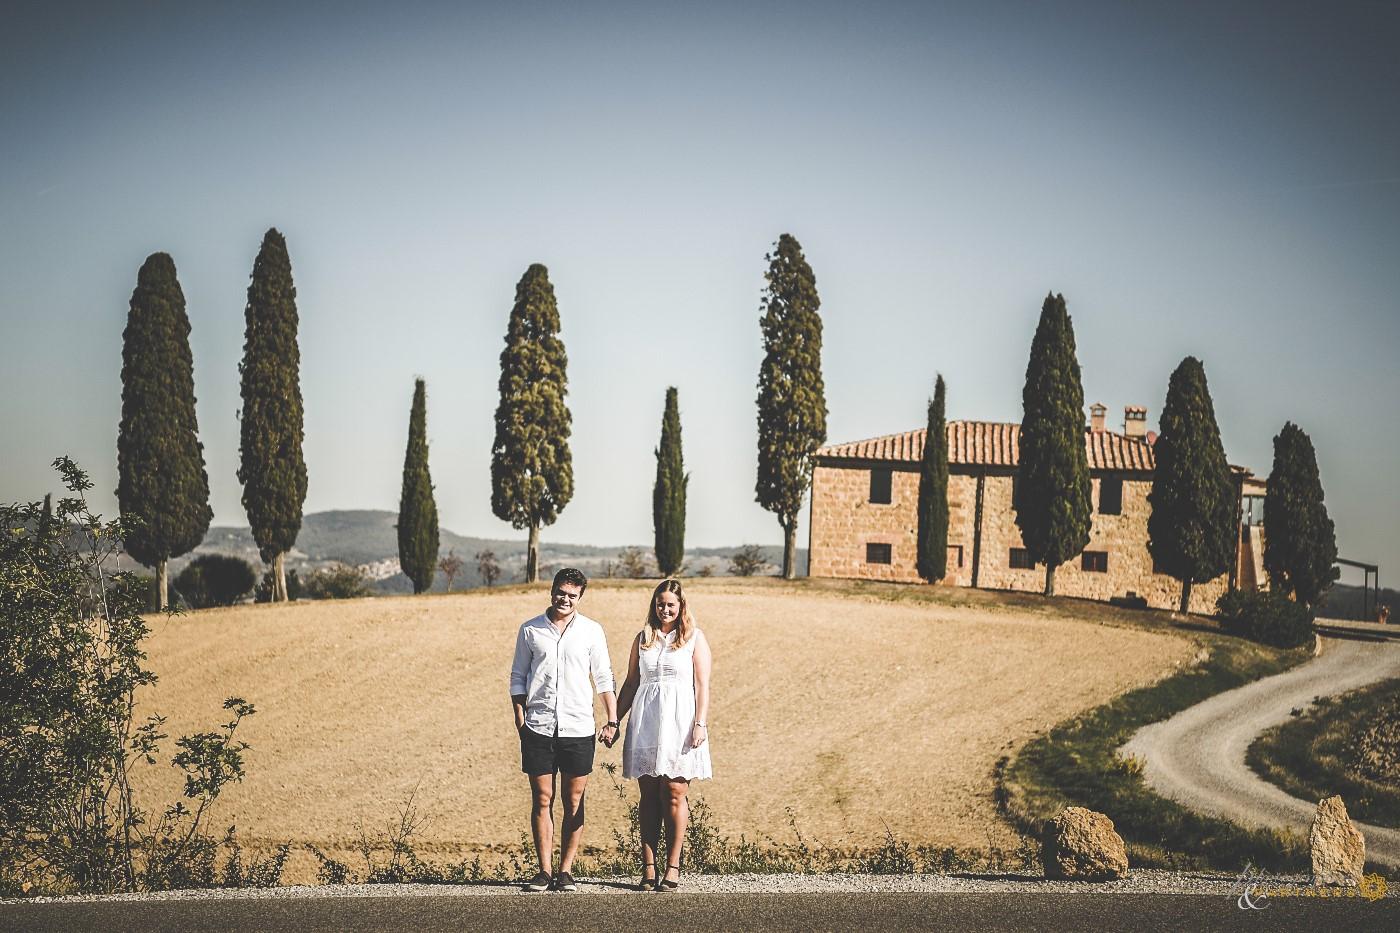 Fantastic Tuscan glimpse near Pienza